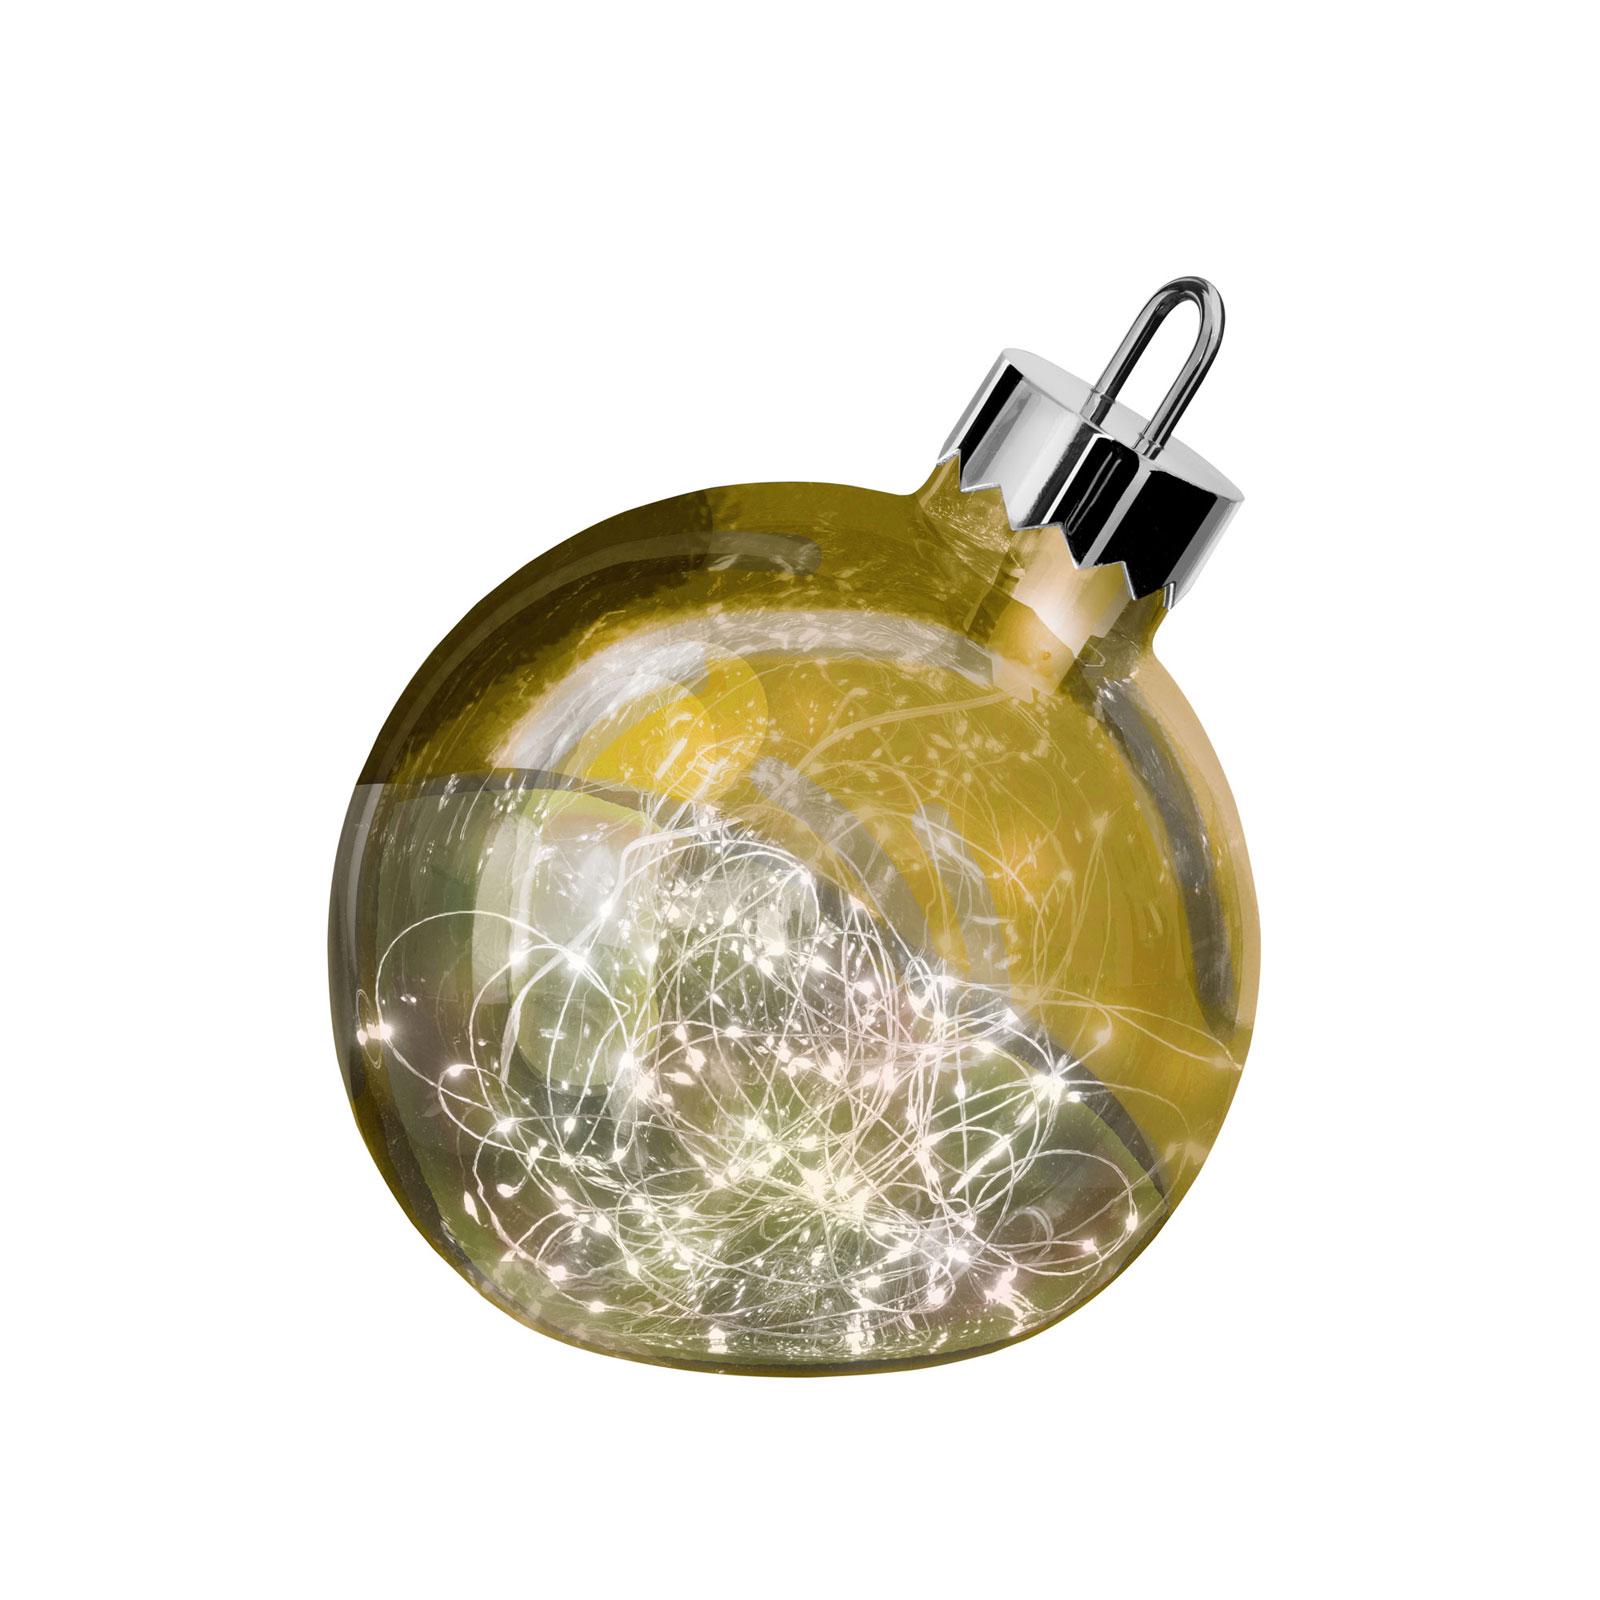 Billede af Ornament dekorationslampe, guld, Ø 20 cm